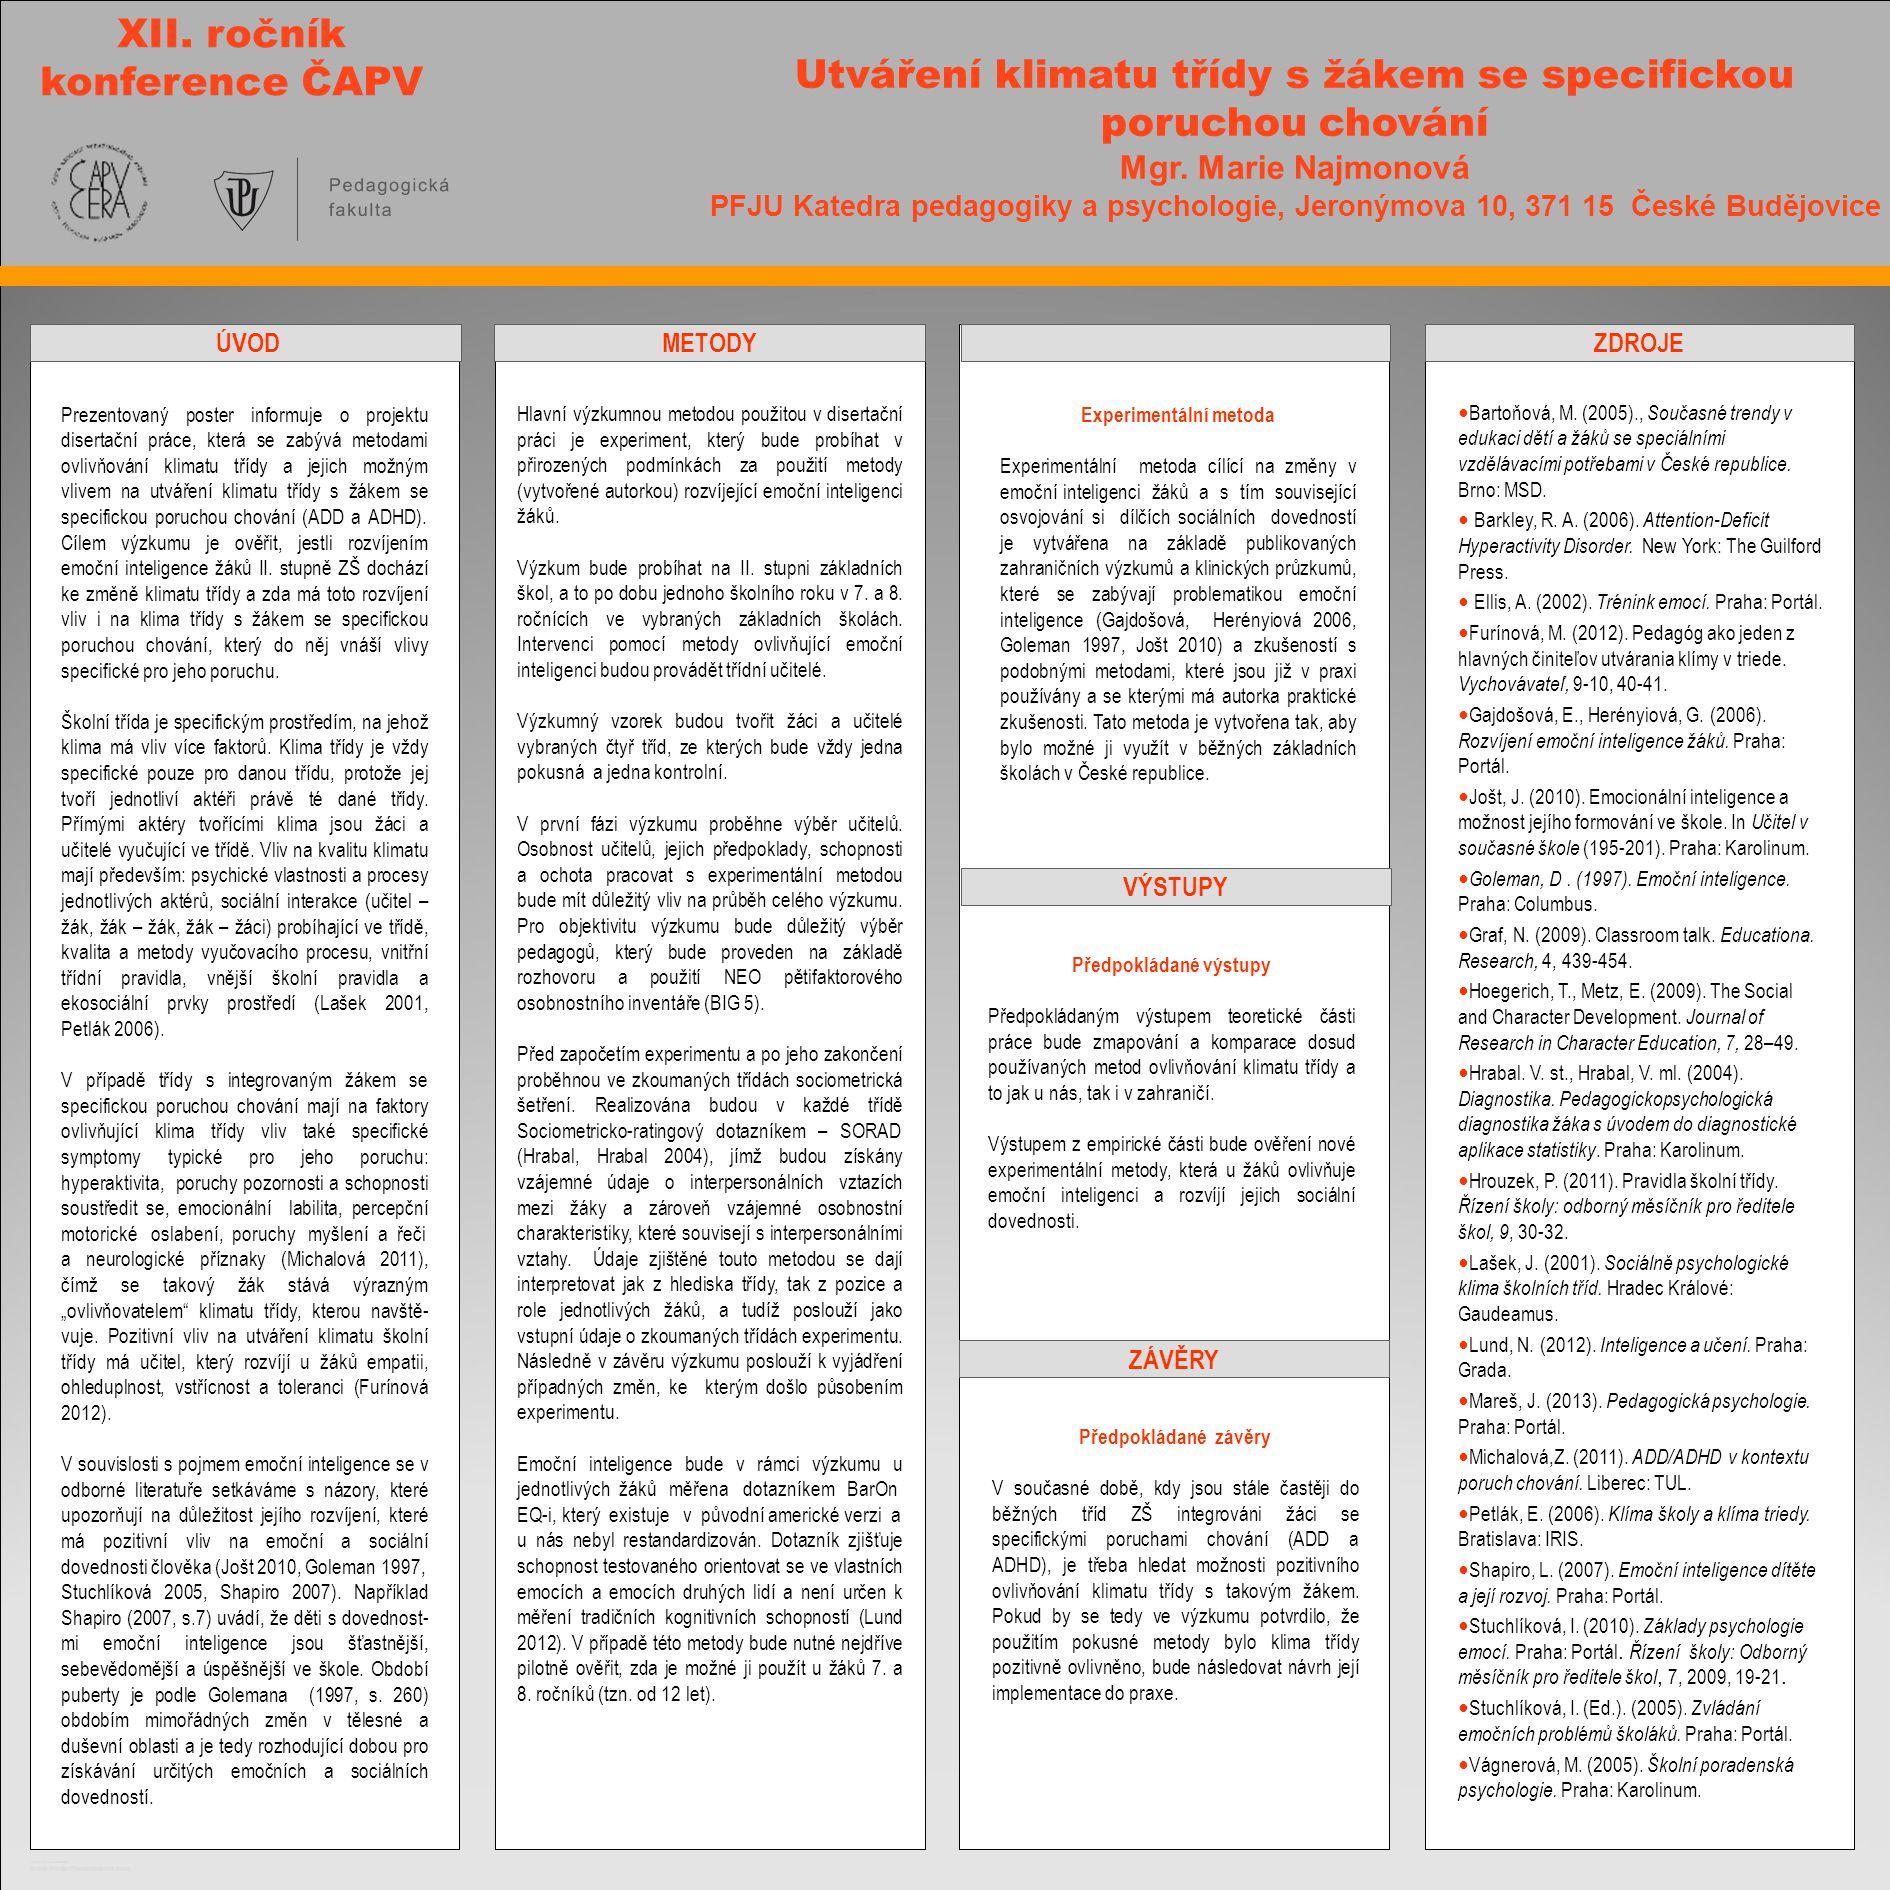 TEMPLATE DESIGN © 2008 www.PosterPresentations.com Utváření klimatu třídy s žákem se specifickou poruchou chování Mgr.